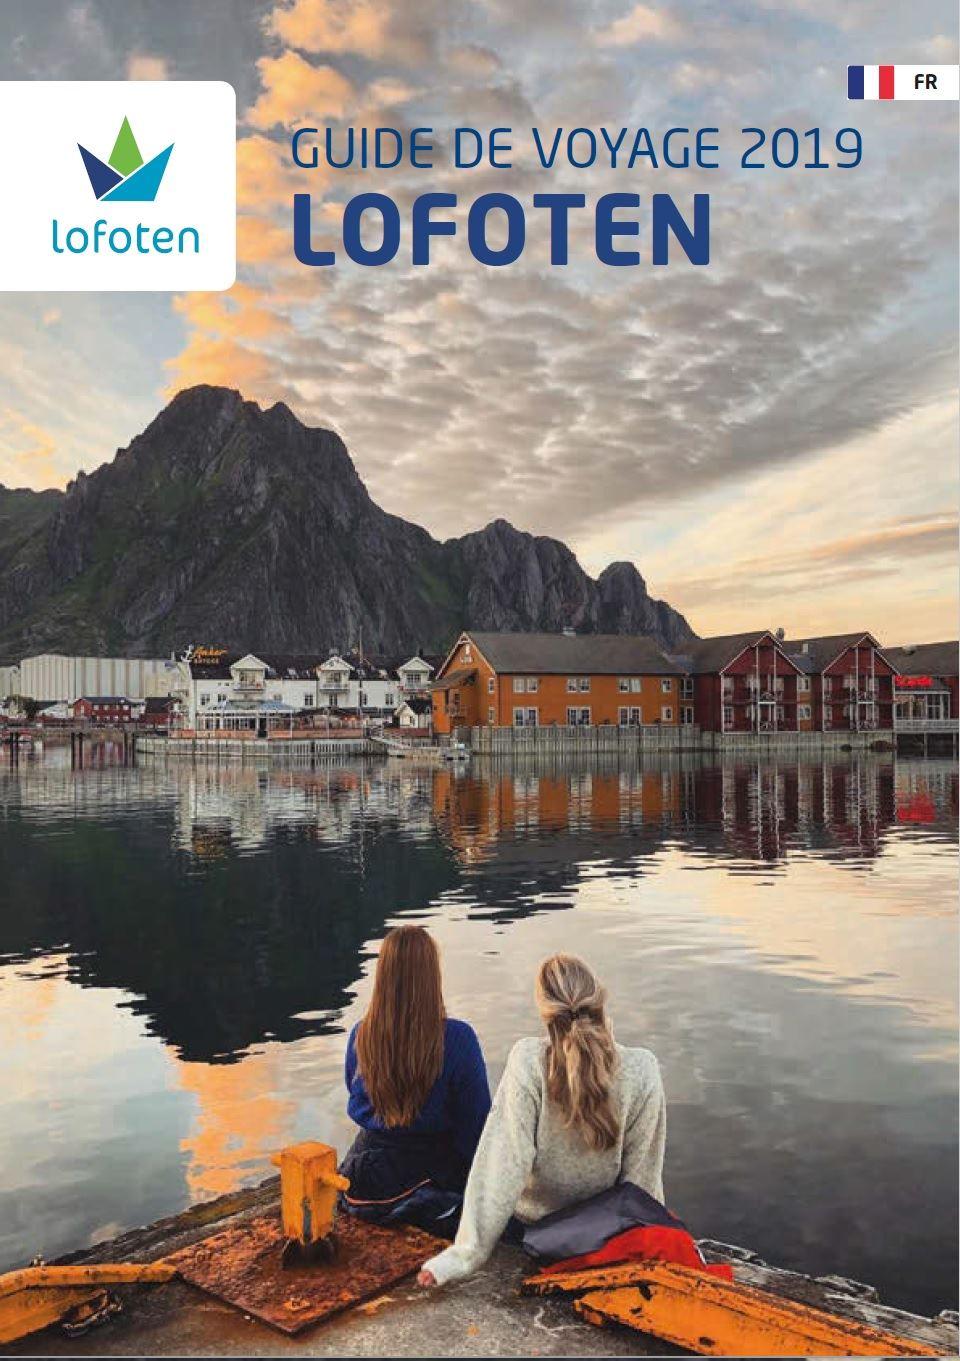 Reiseguide Lofoten 2019 - Fransk